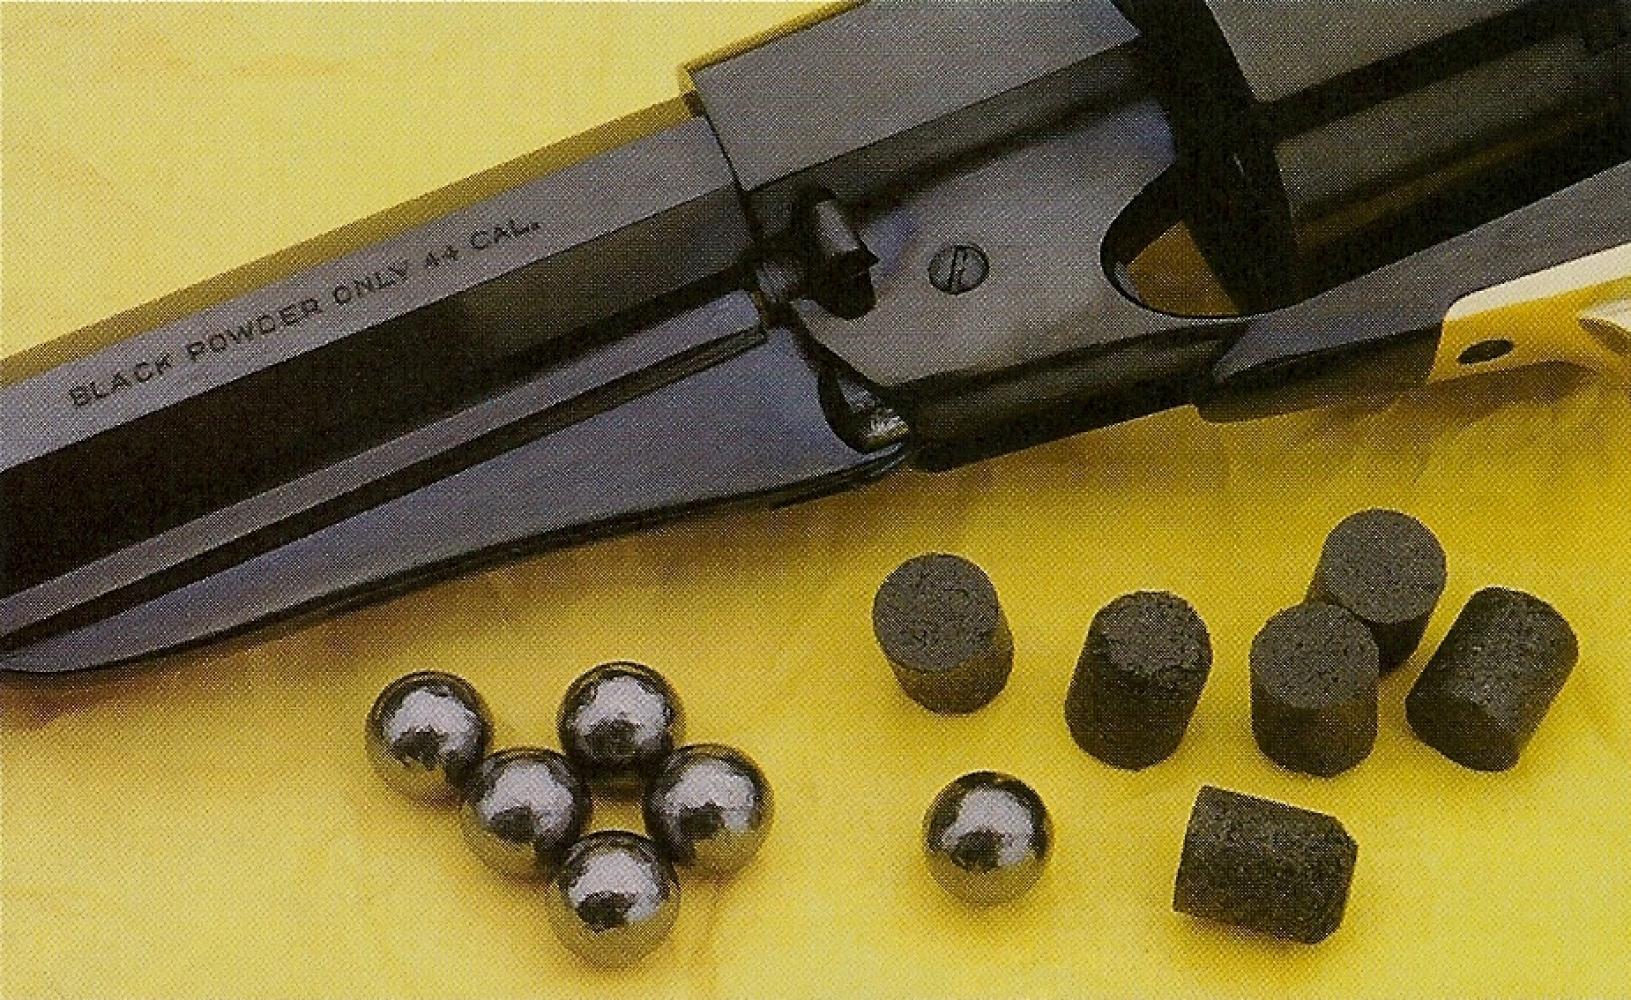 Les charges propulsives VECTAN se présentent sous forme de cylindres solides, constitués par de la poudre noire compactée. Leurs dimensions sont parfaitement adaptées à celles des chambres des barillets de calibre .36 et .44.